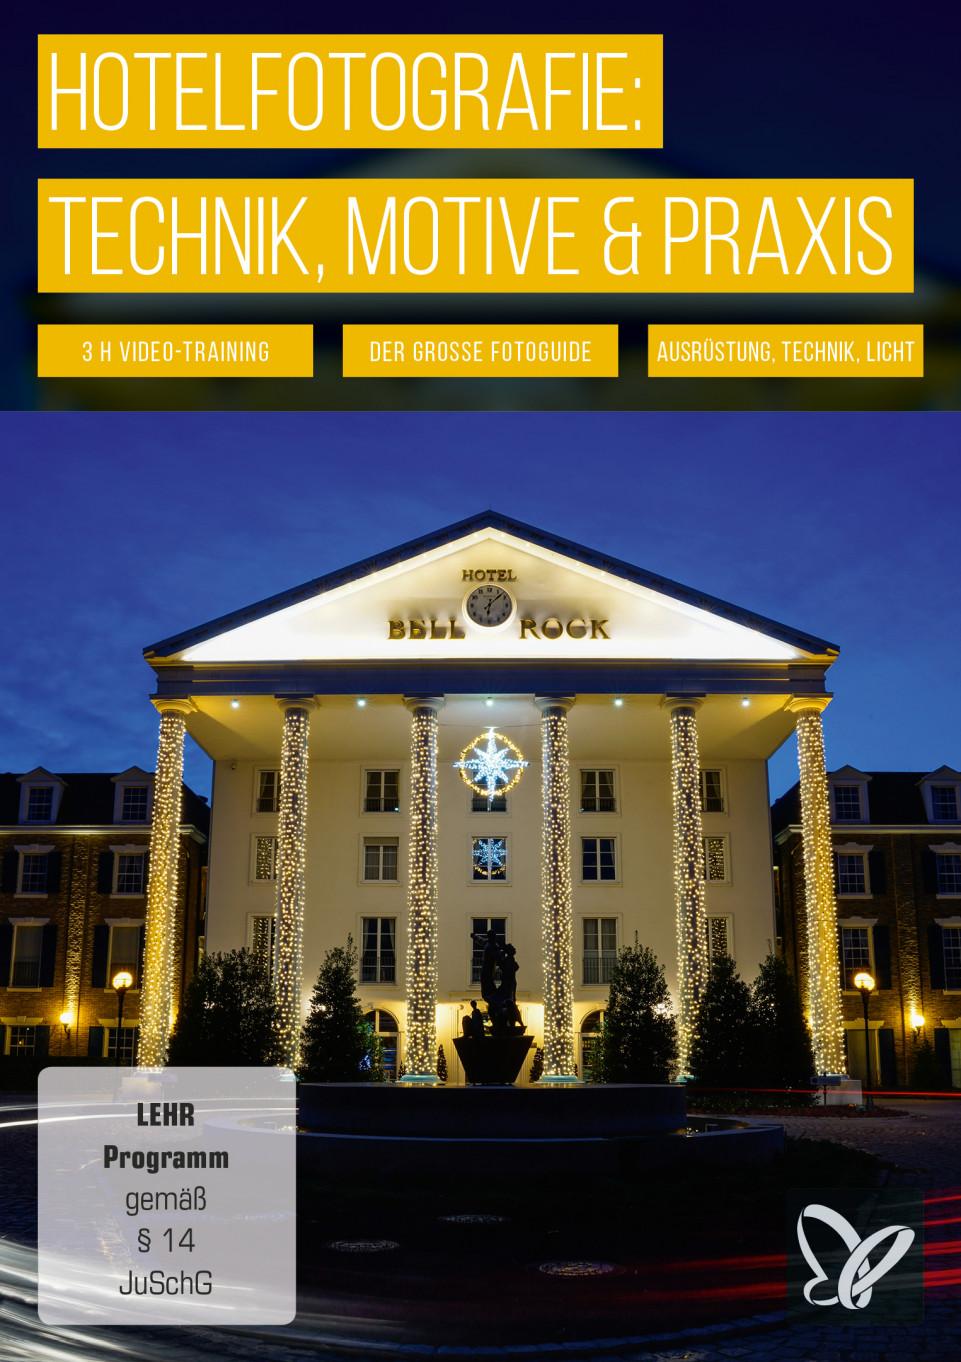 Hotelfotografie & Interieurfotografie: Technik, Motive & Praxis